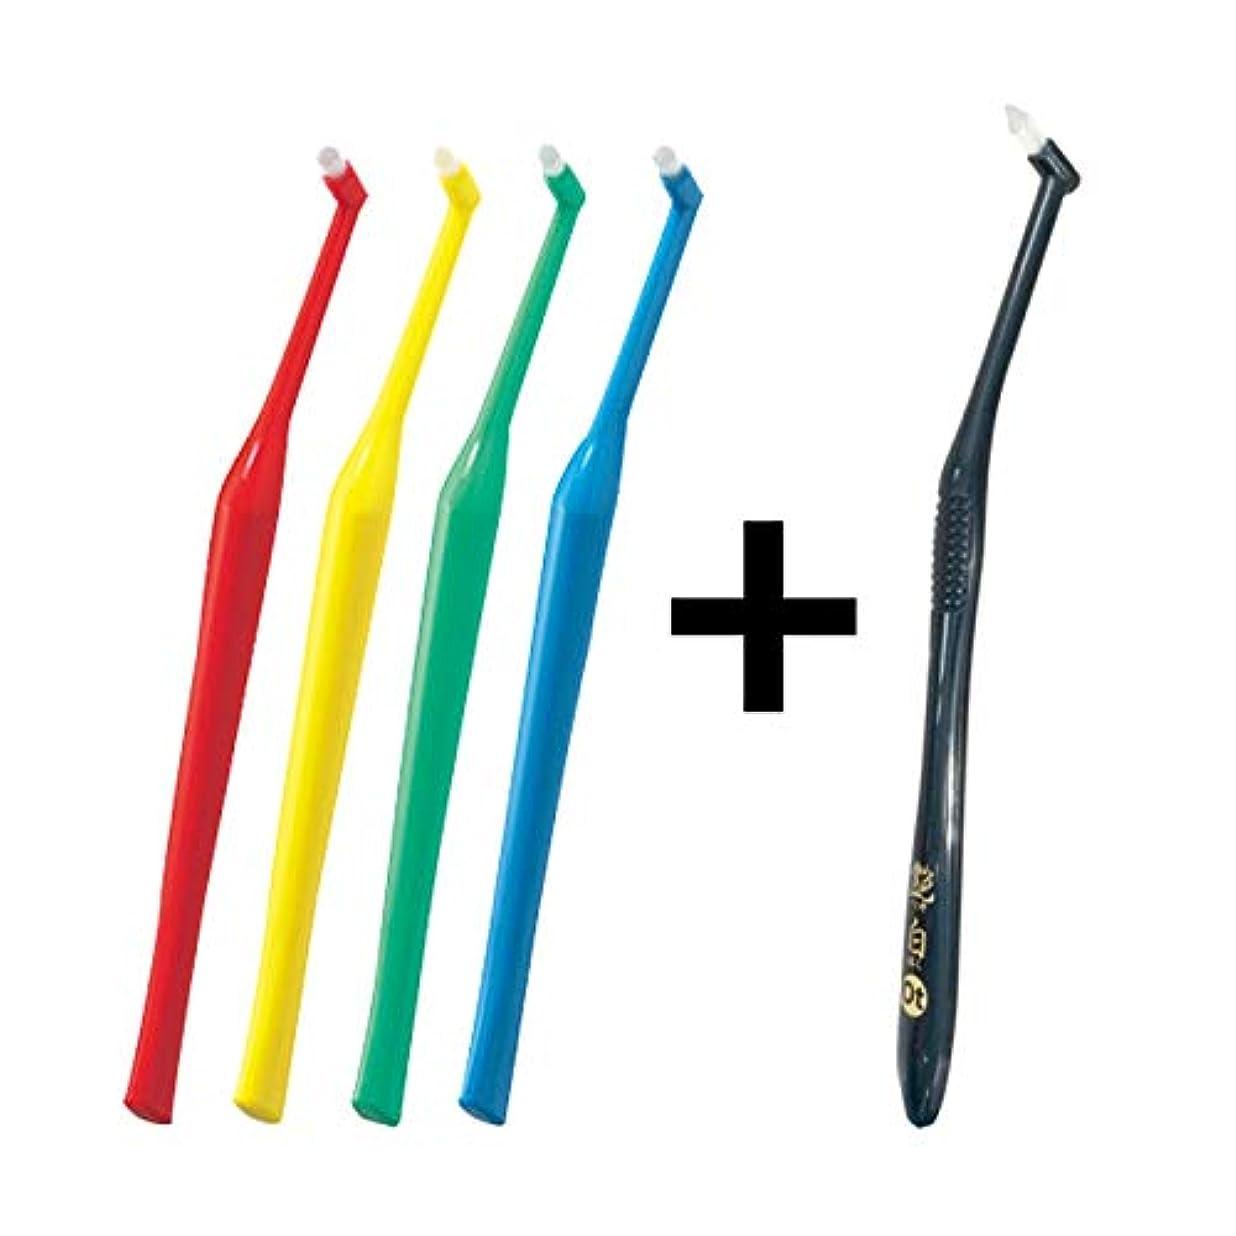 の面では従事したオークランドプラウト Plaut × 4本 アソート (M(ミディアム))+艶白 ワンタフト 歯ブラシ 1本 MS(やややわらかめ) オーラルケア ポイントブラシ 歯科専売品